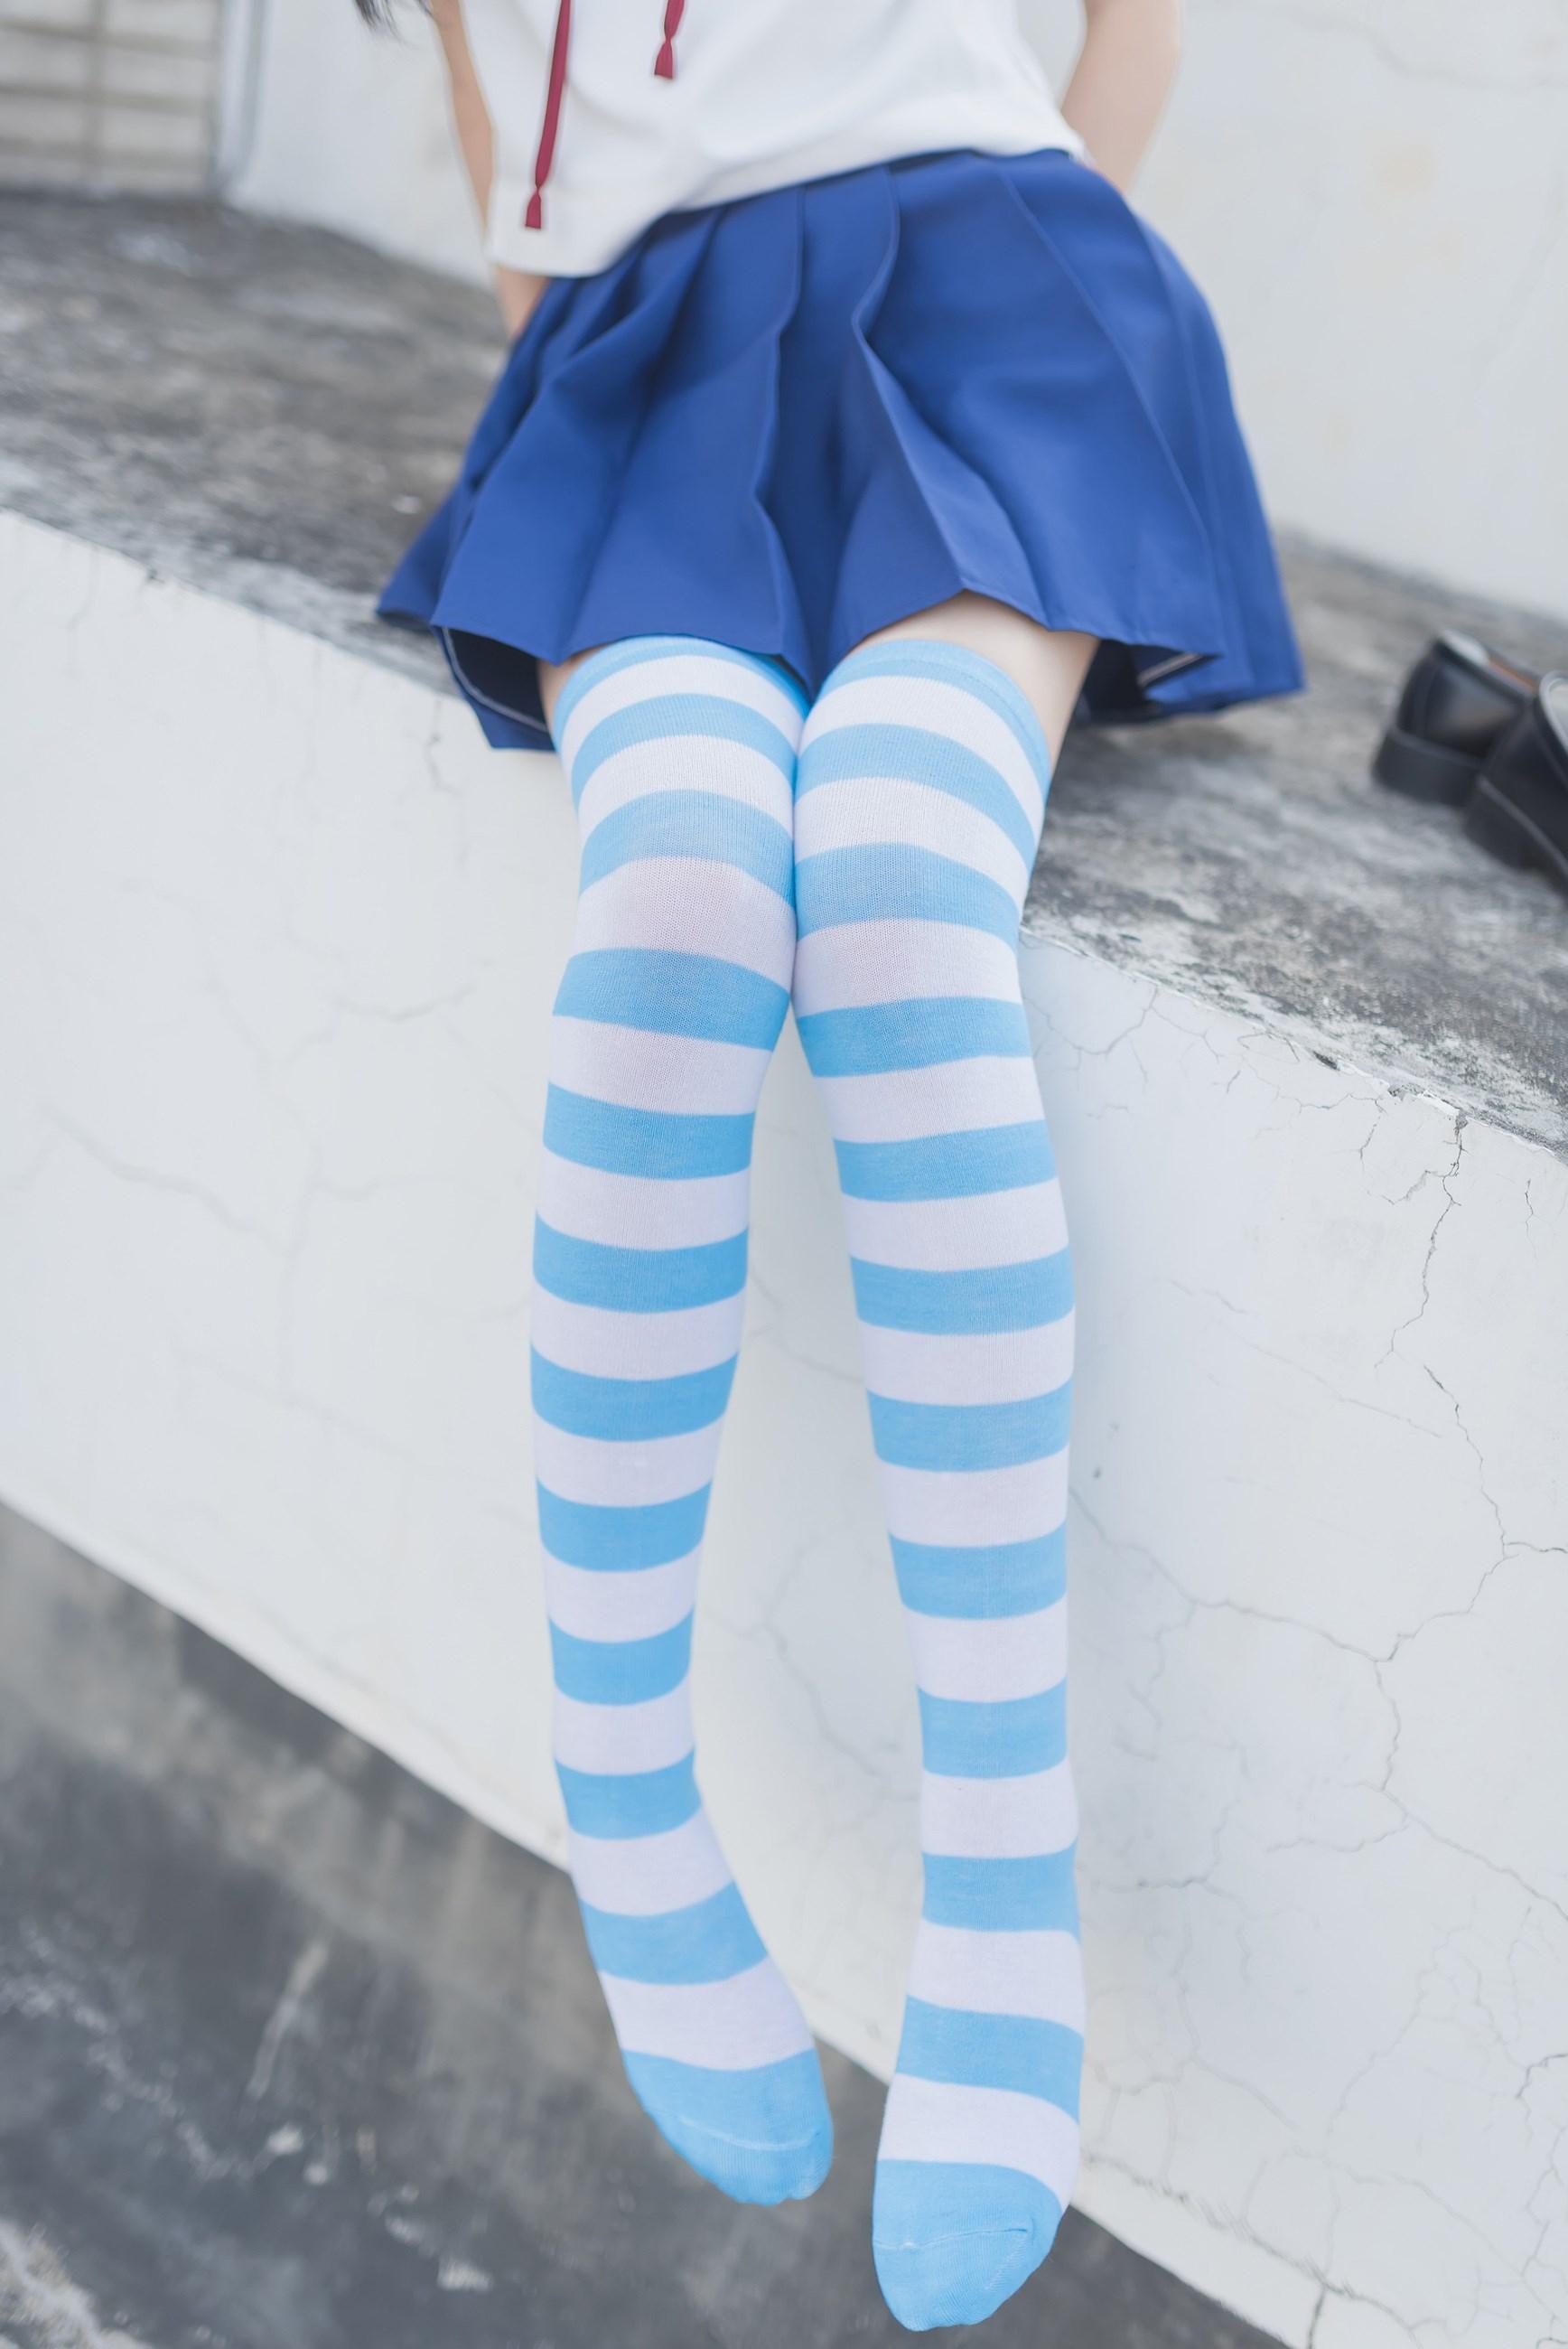 【兔玩映画】蓝白条纹的小细腿 兔玩映画 第48张